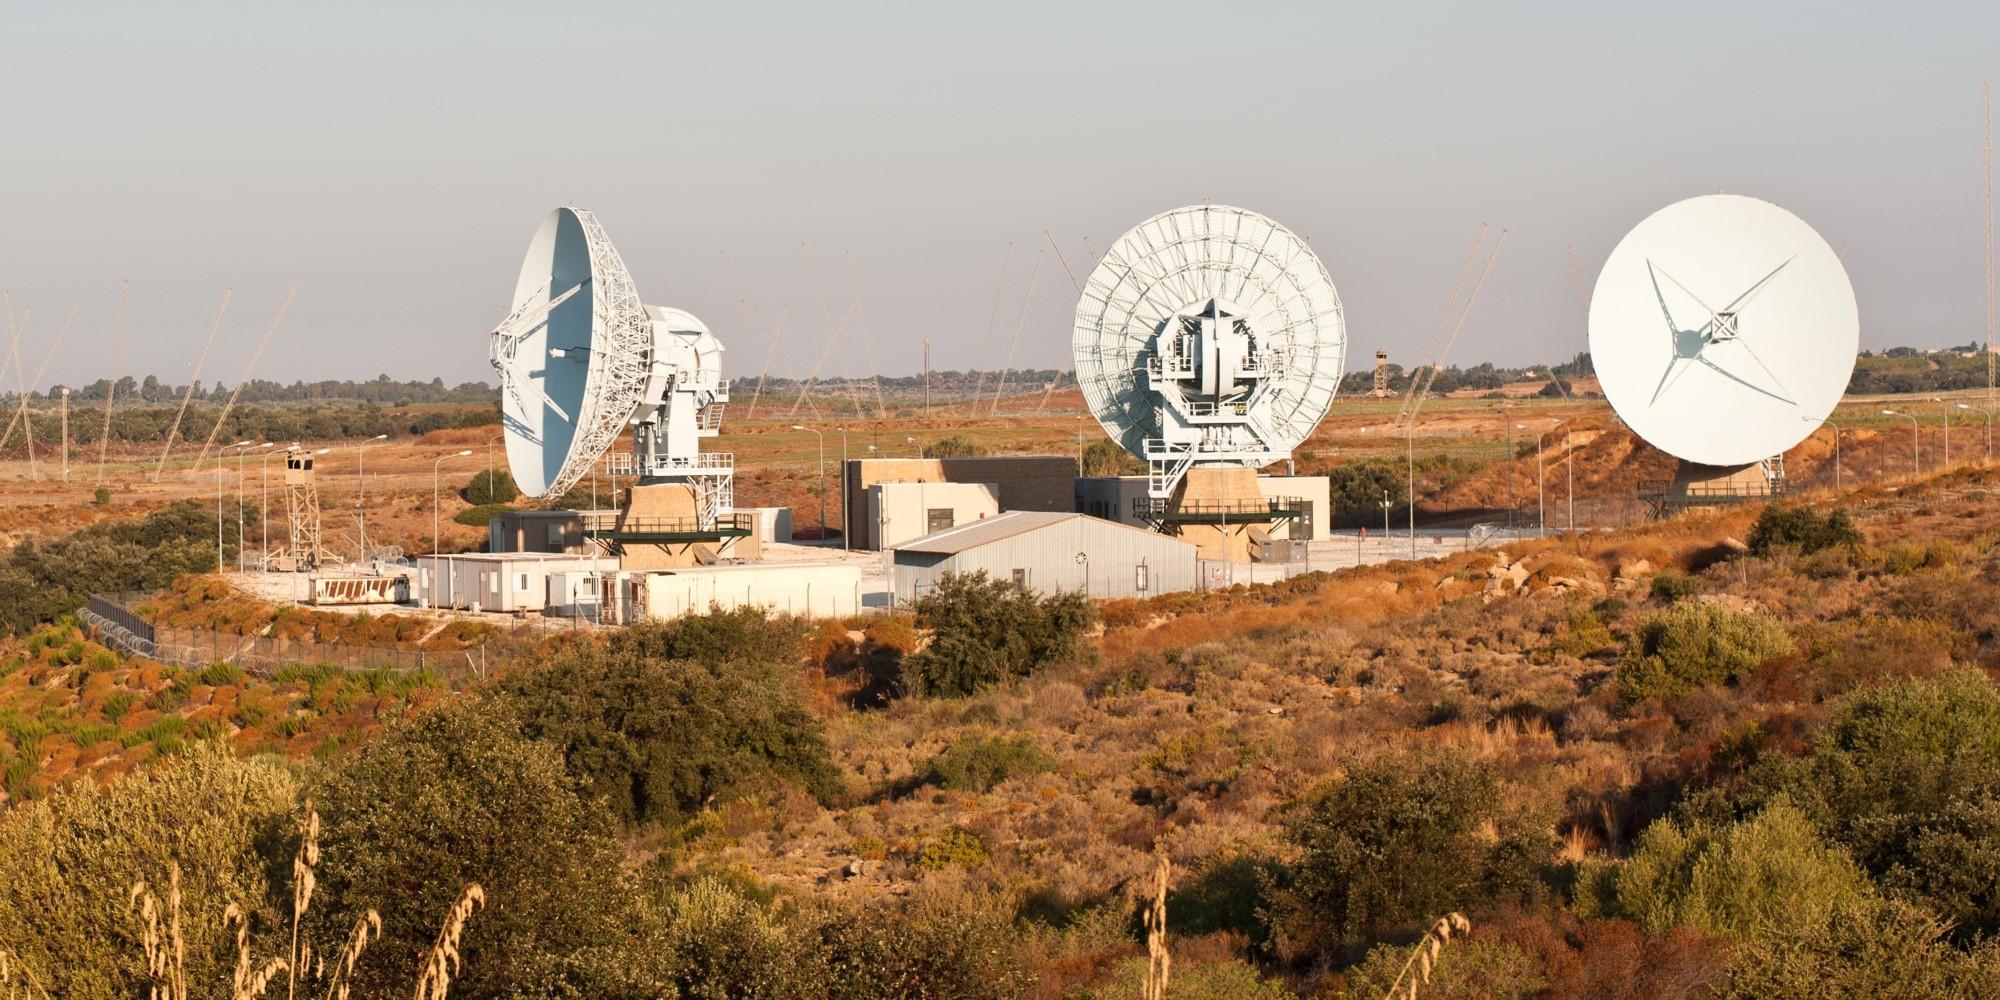 Le antenne del Muos, a Niscemi